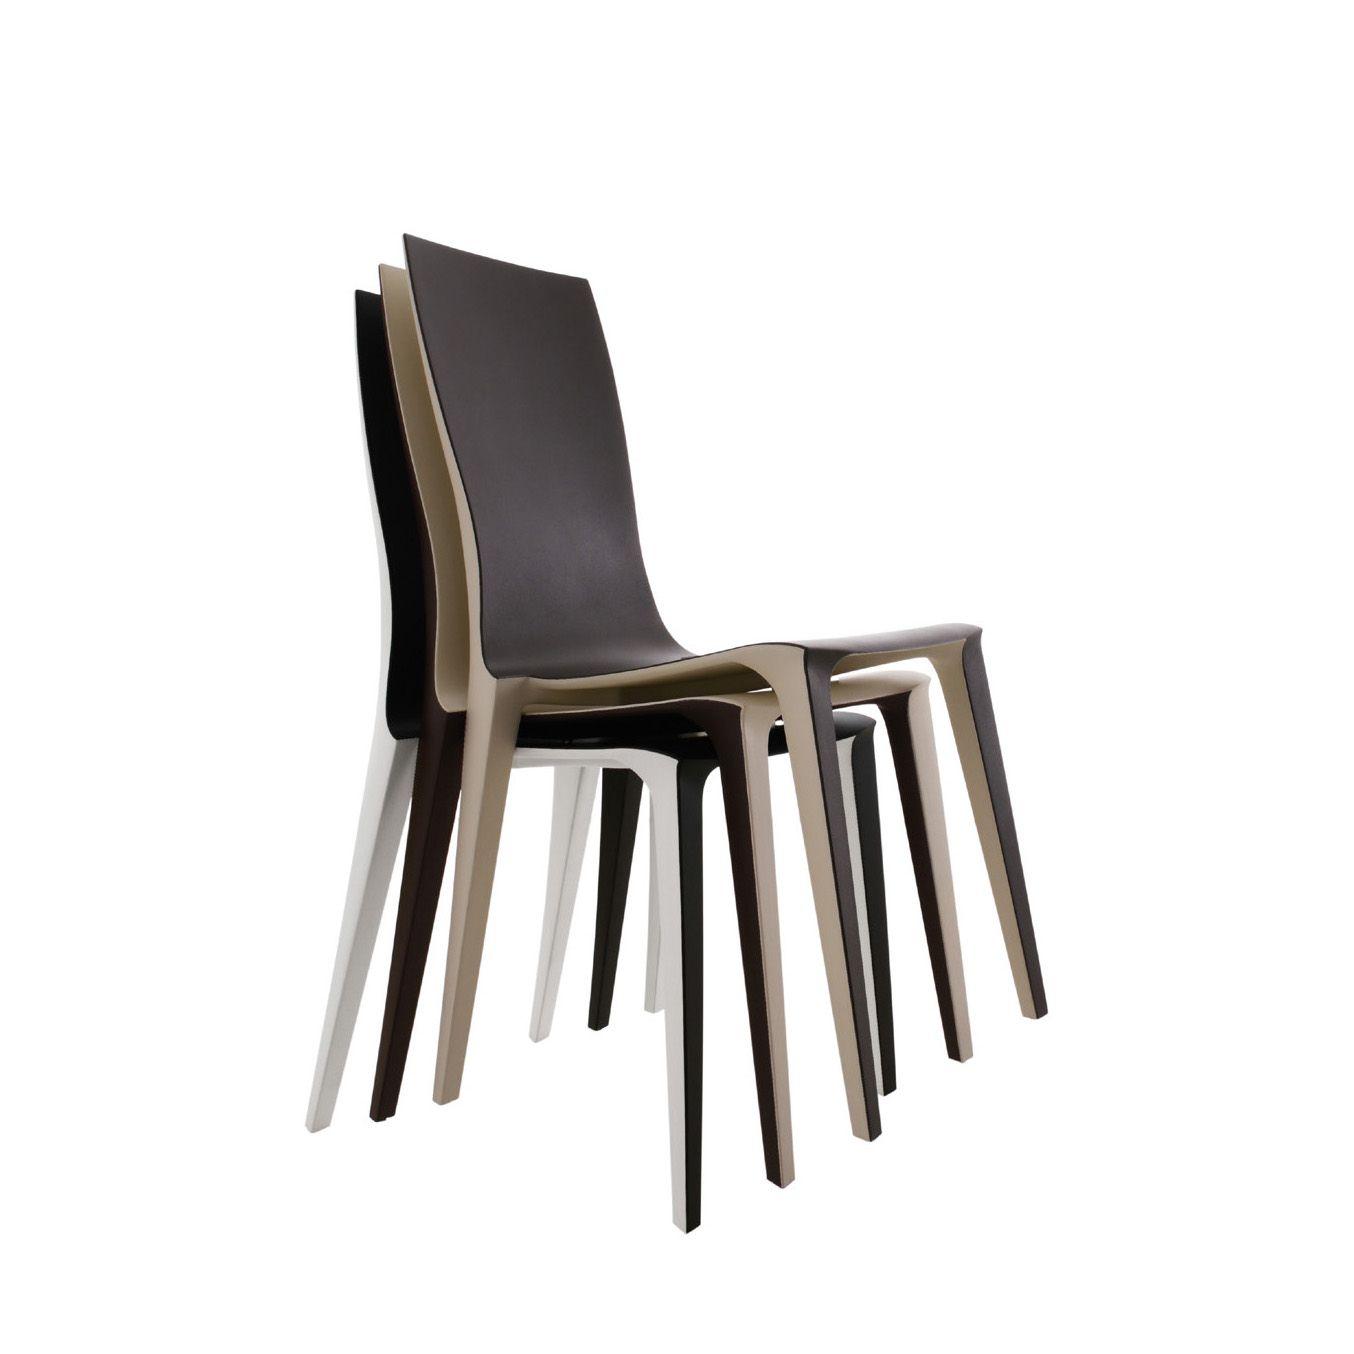 Design Esszimmerstühle   Design Stühle : Holen Sie Sich Eine Charmante  Atmosphäre Mit Neuen Design